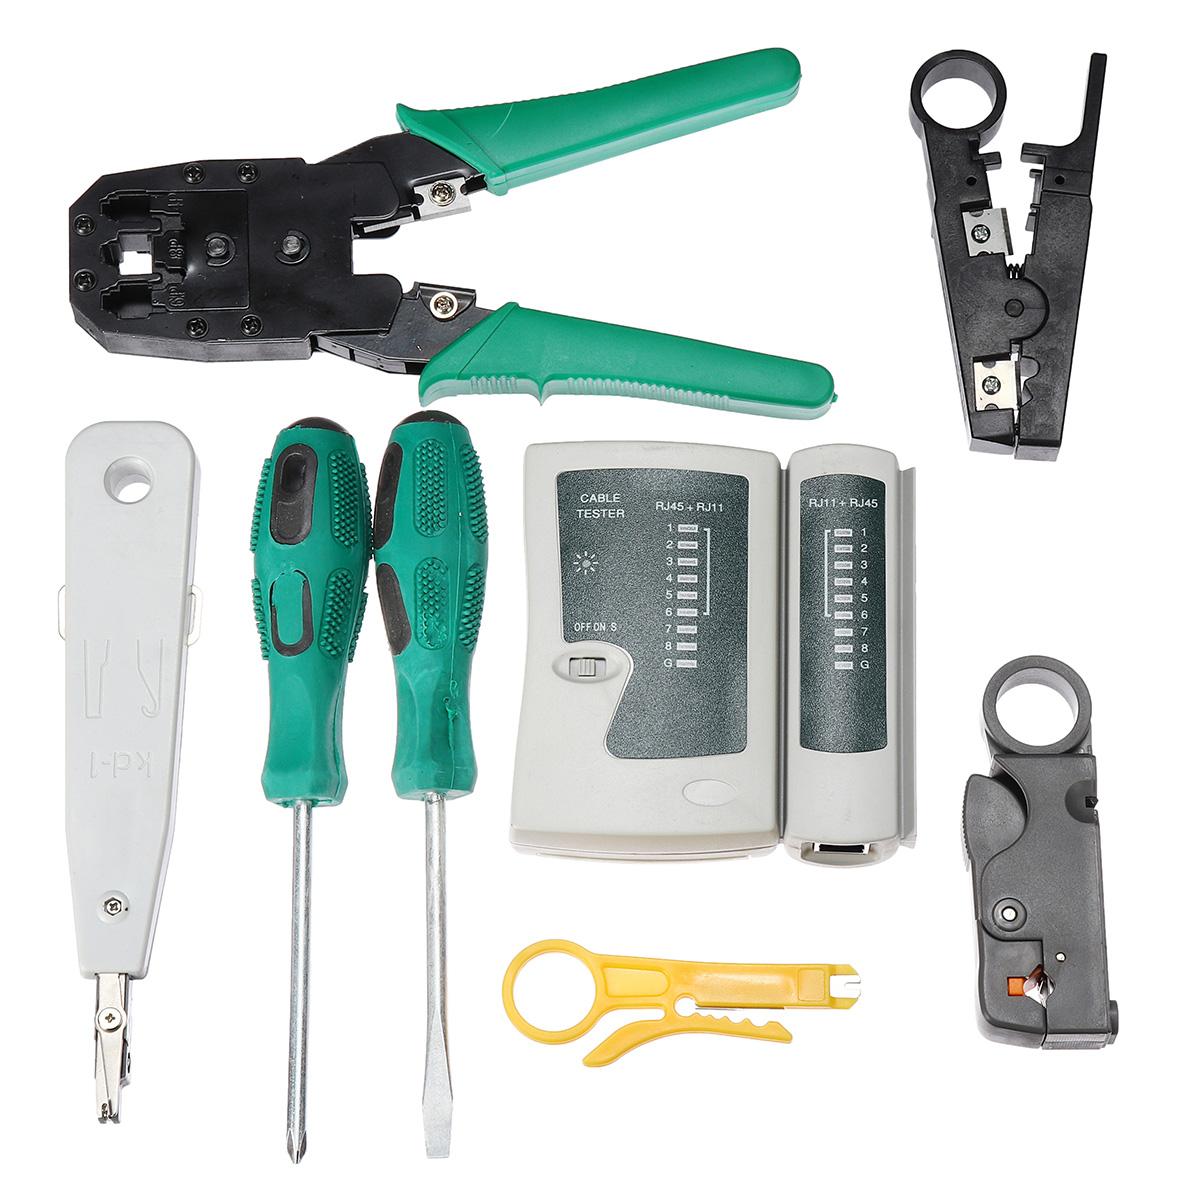 9pcs Cat5 RJ45 RJ11 RJ12 LAN Network Tool Kit Crimper Stripper Network Cable Tester Crimping Kit